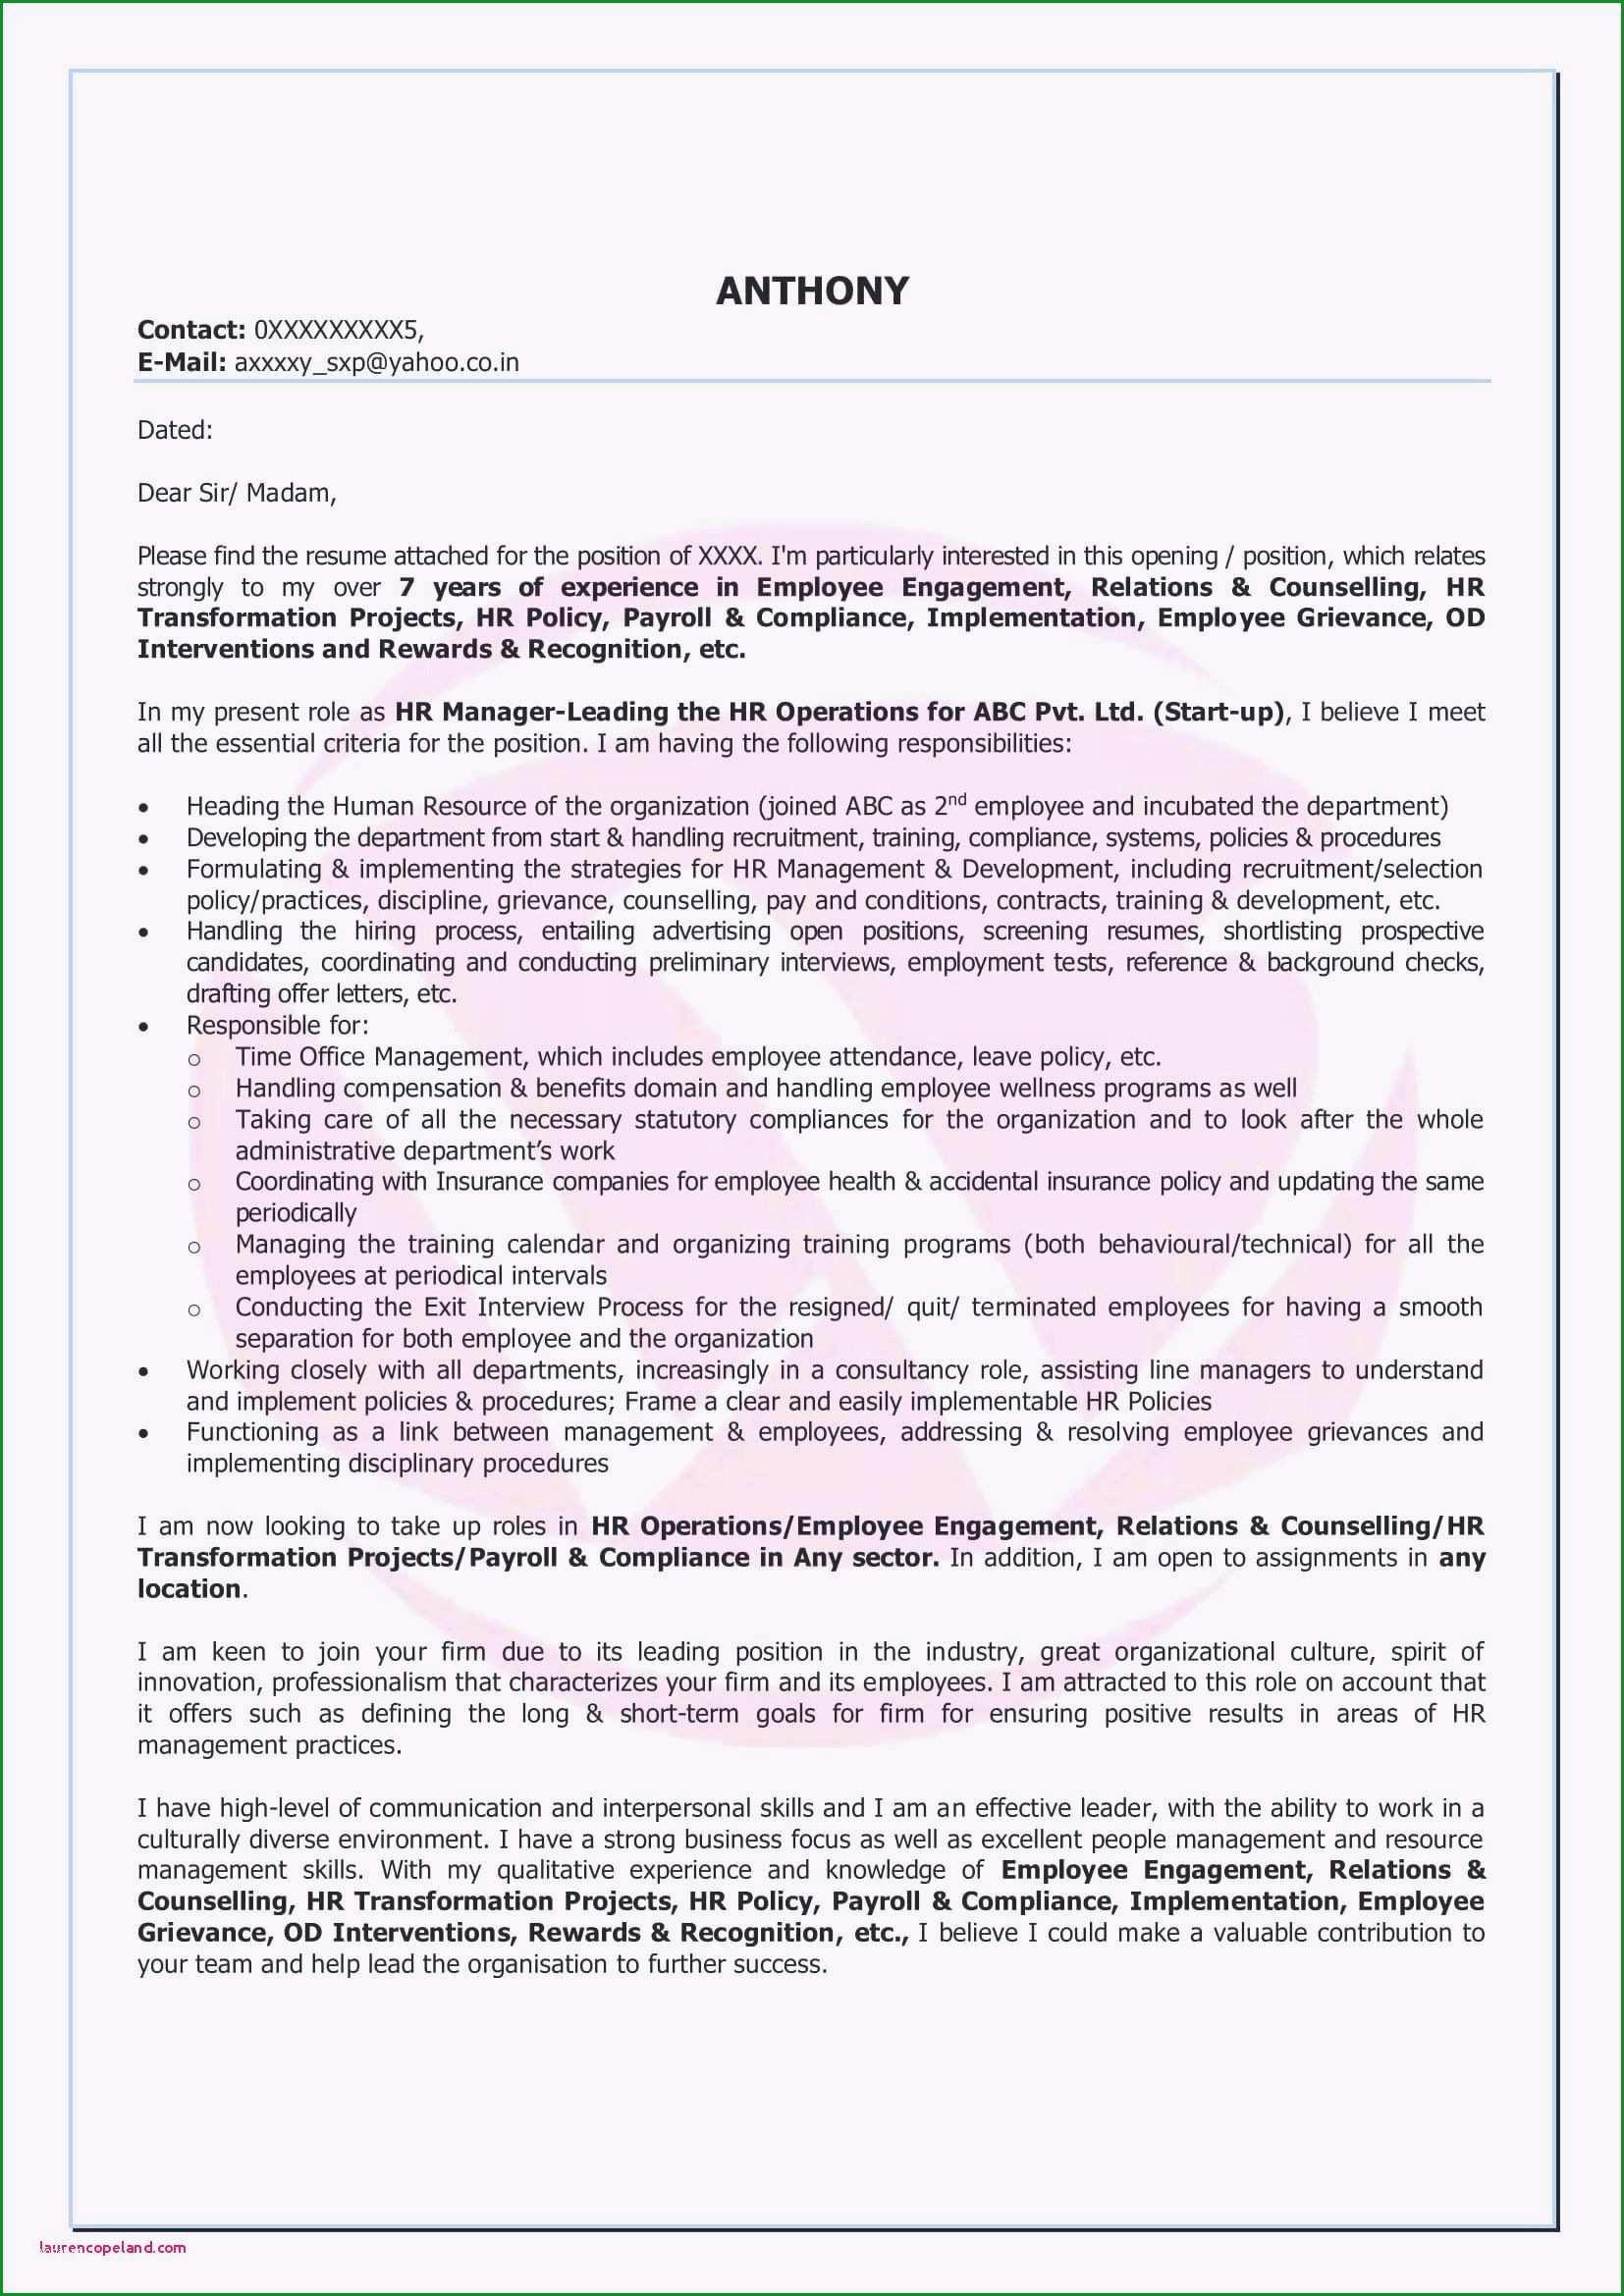 versicherung kundigen vorlage word kuendigung gas vorlage word vorstellung vorlage klingelschild 3